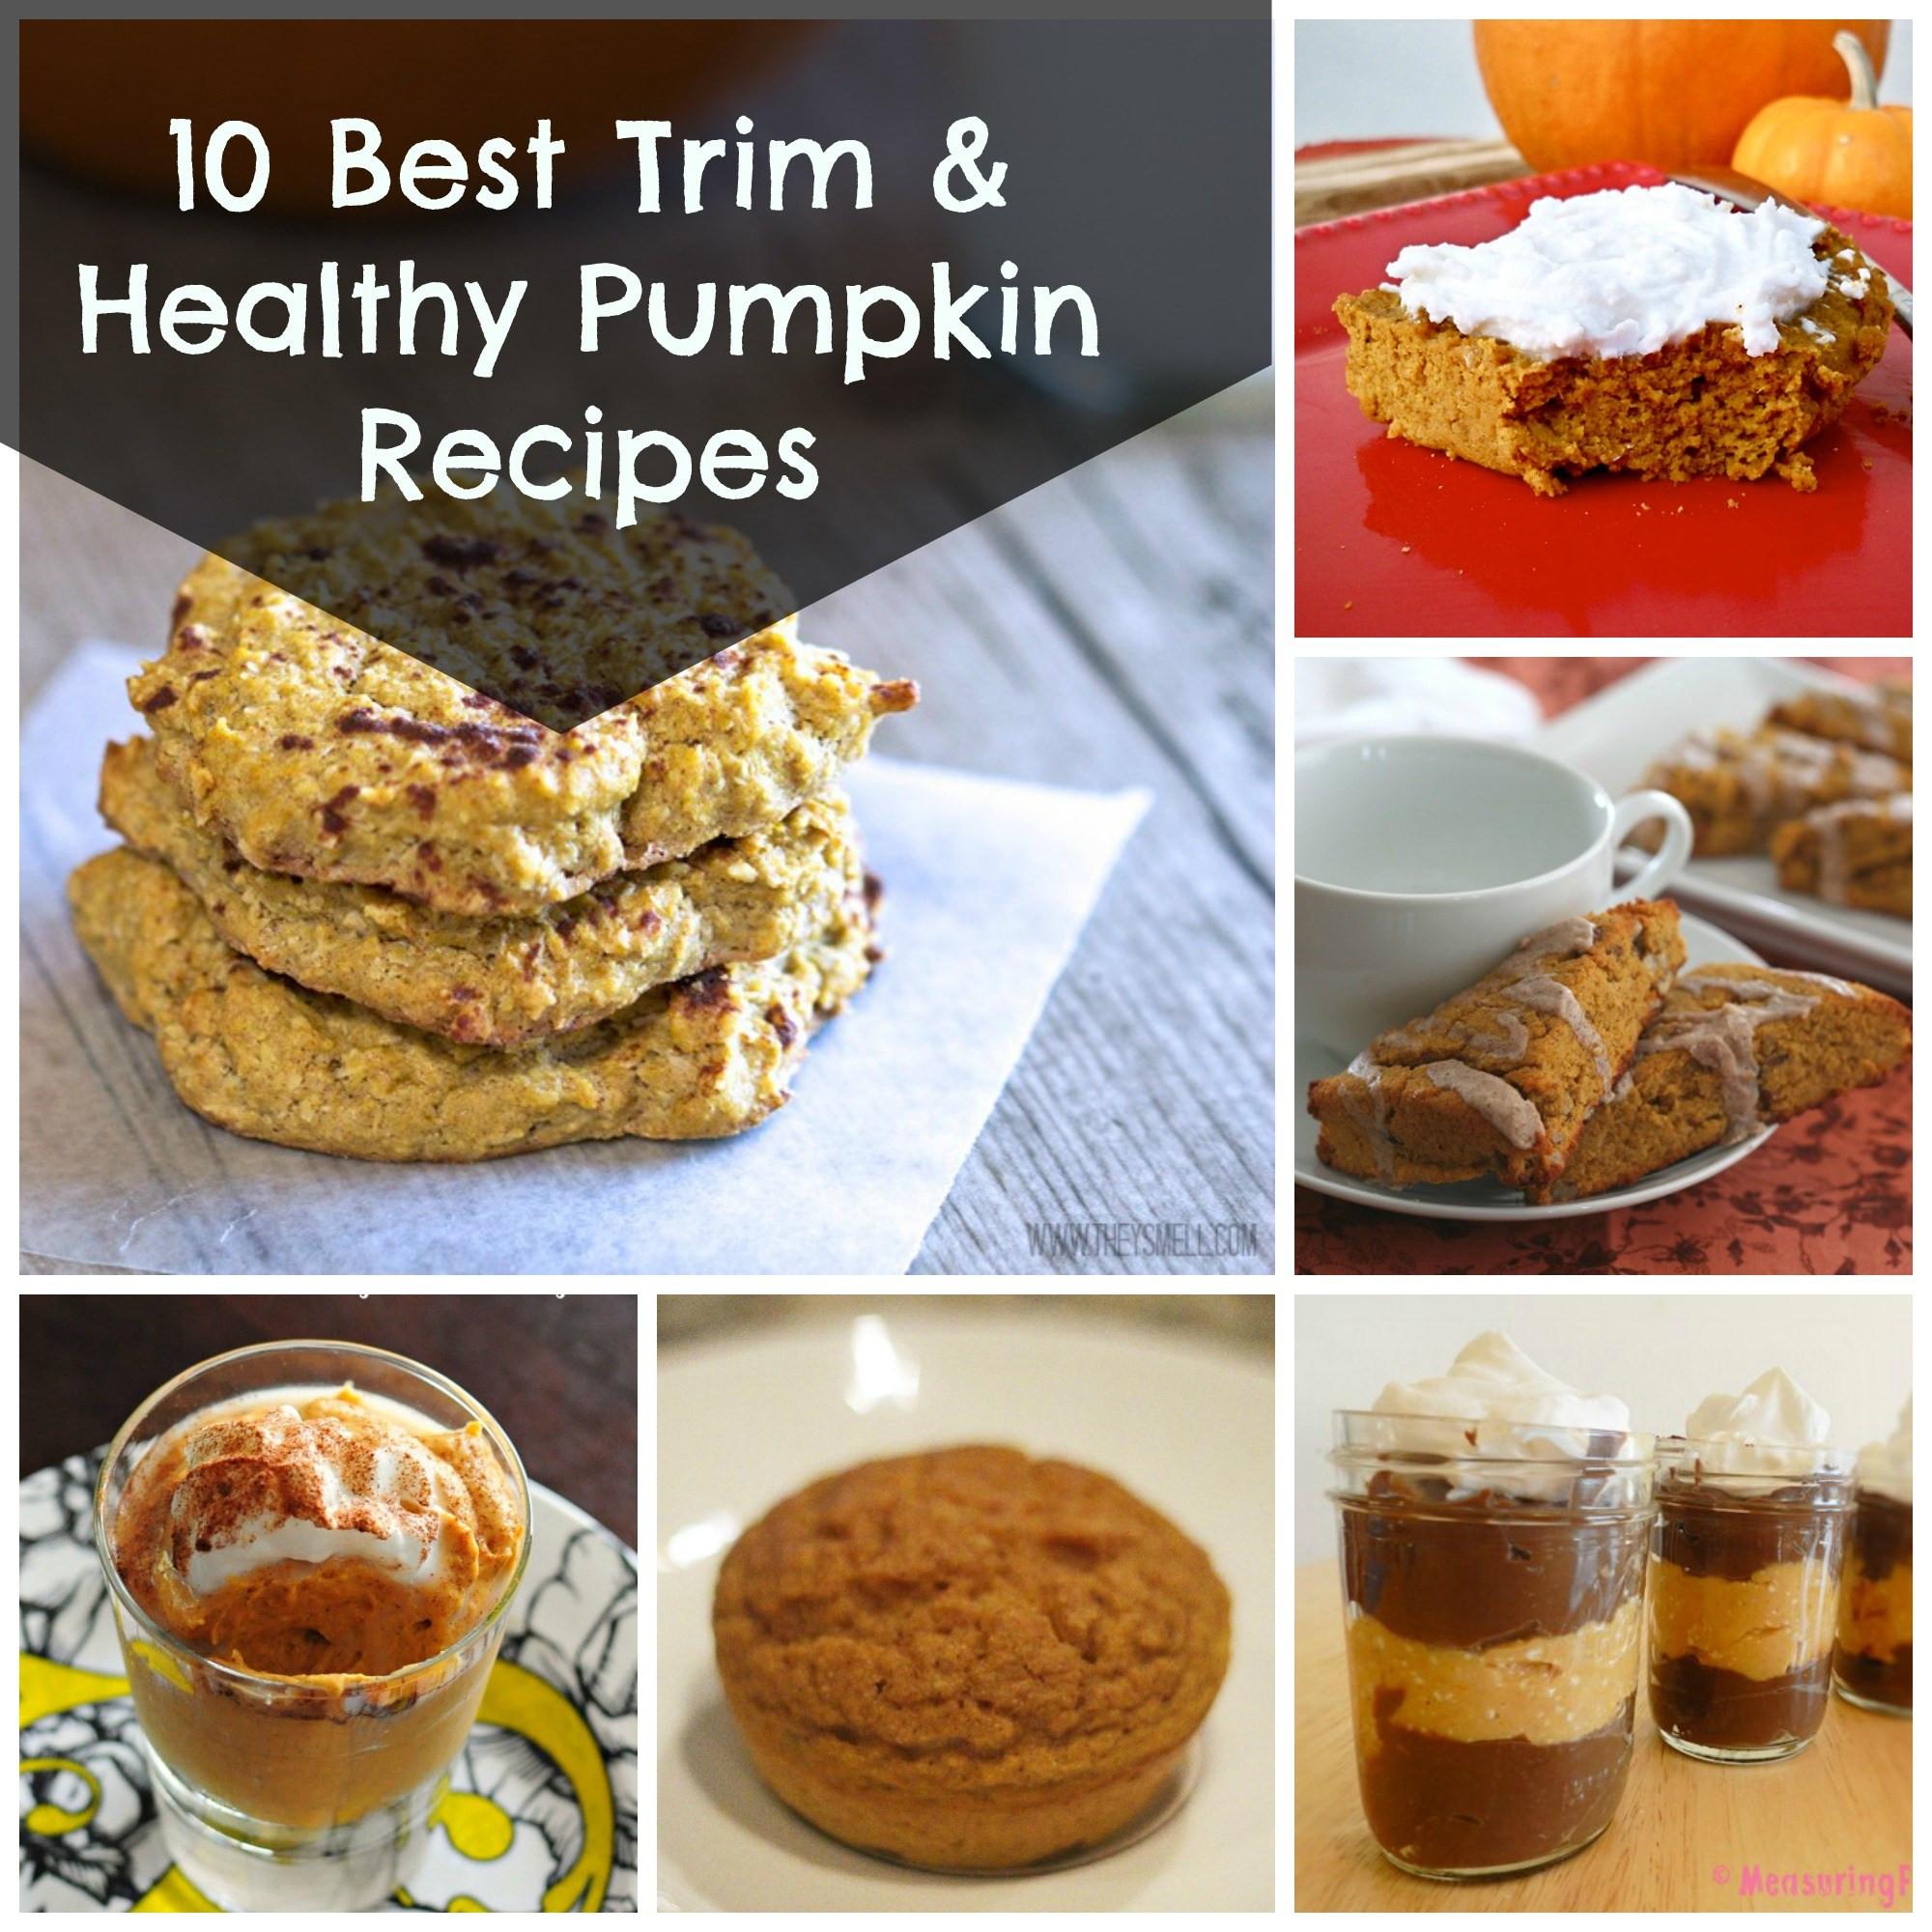 Healthy Pumpkin Recipes  10 Best Trim and Healthy Pumpkin Recipes Grassfed Mama